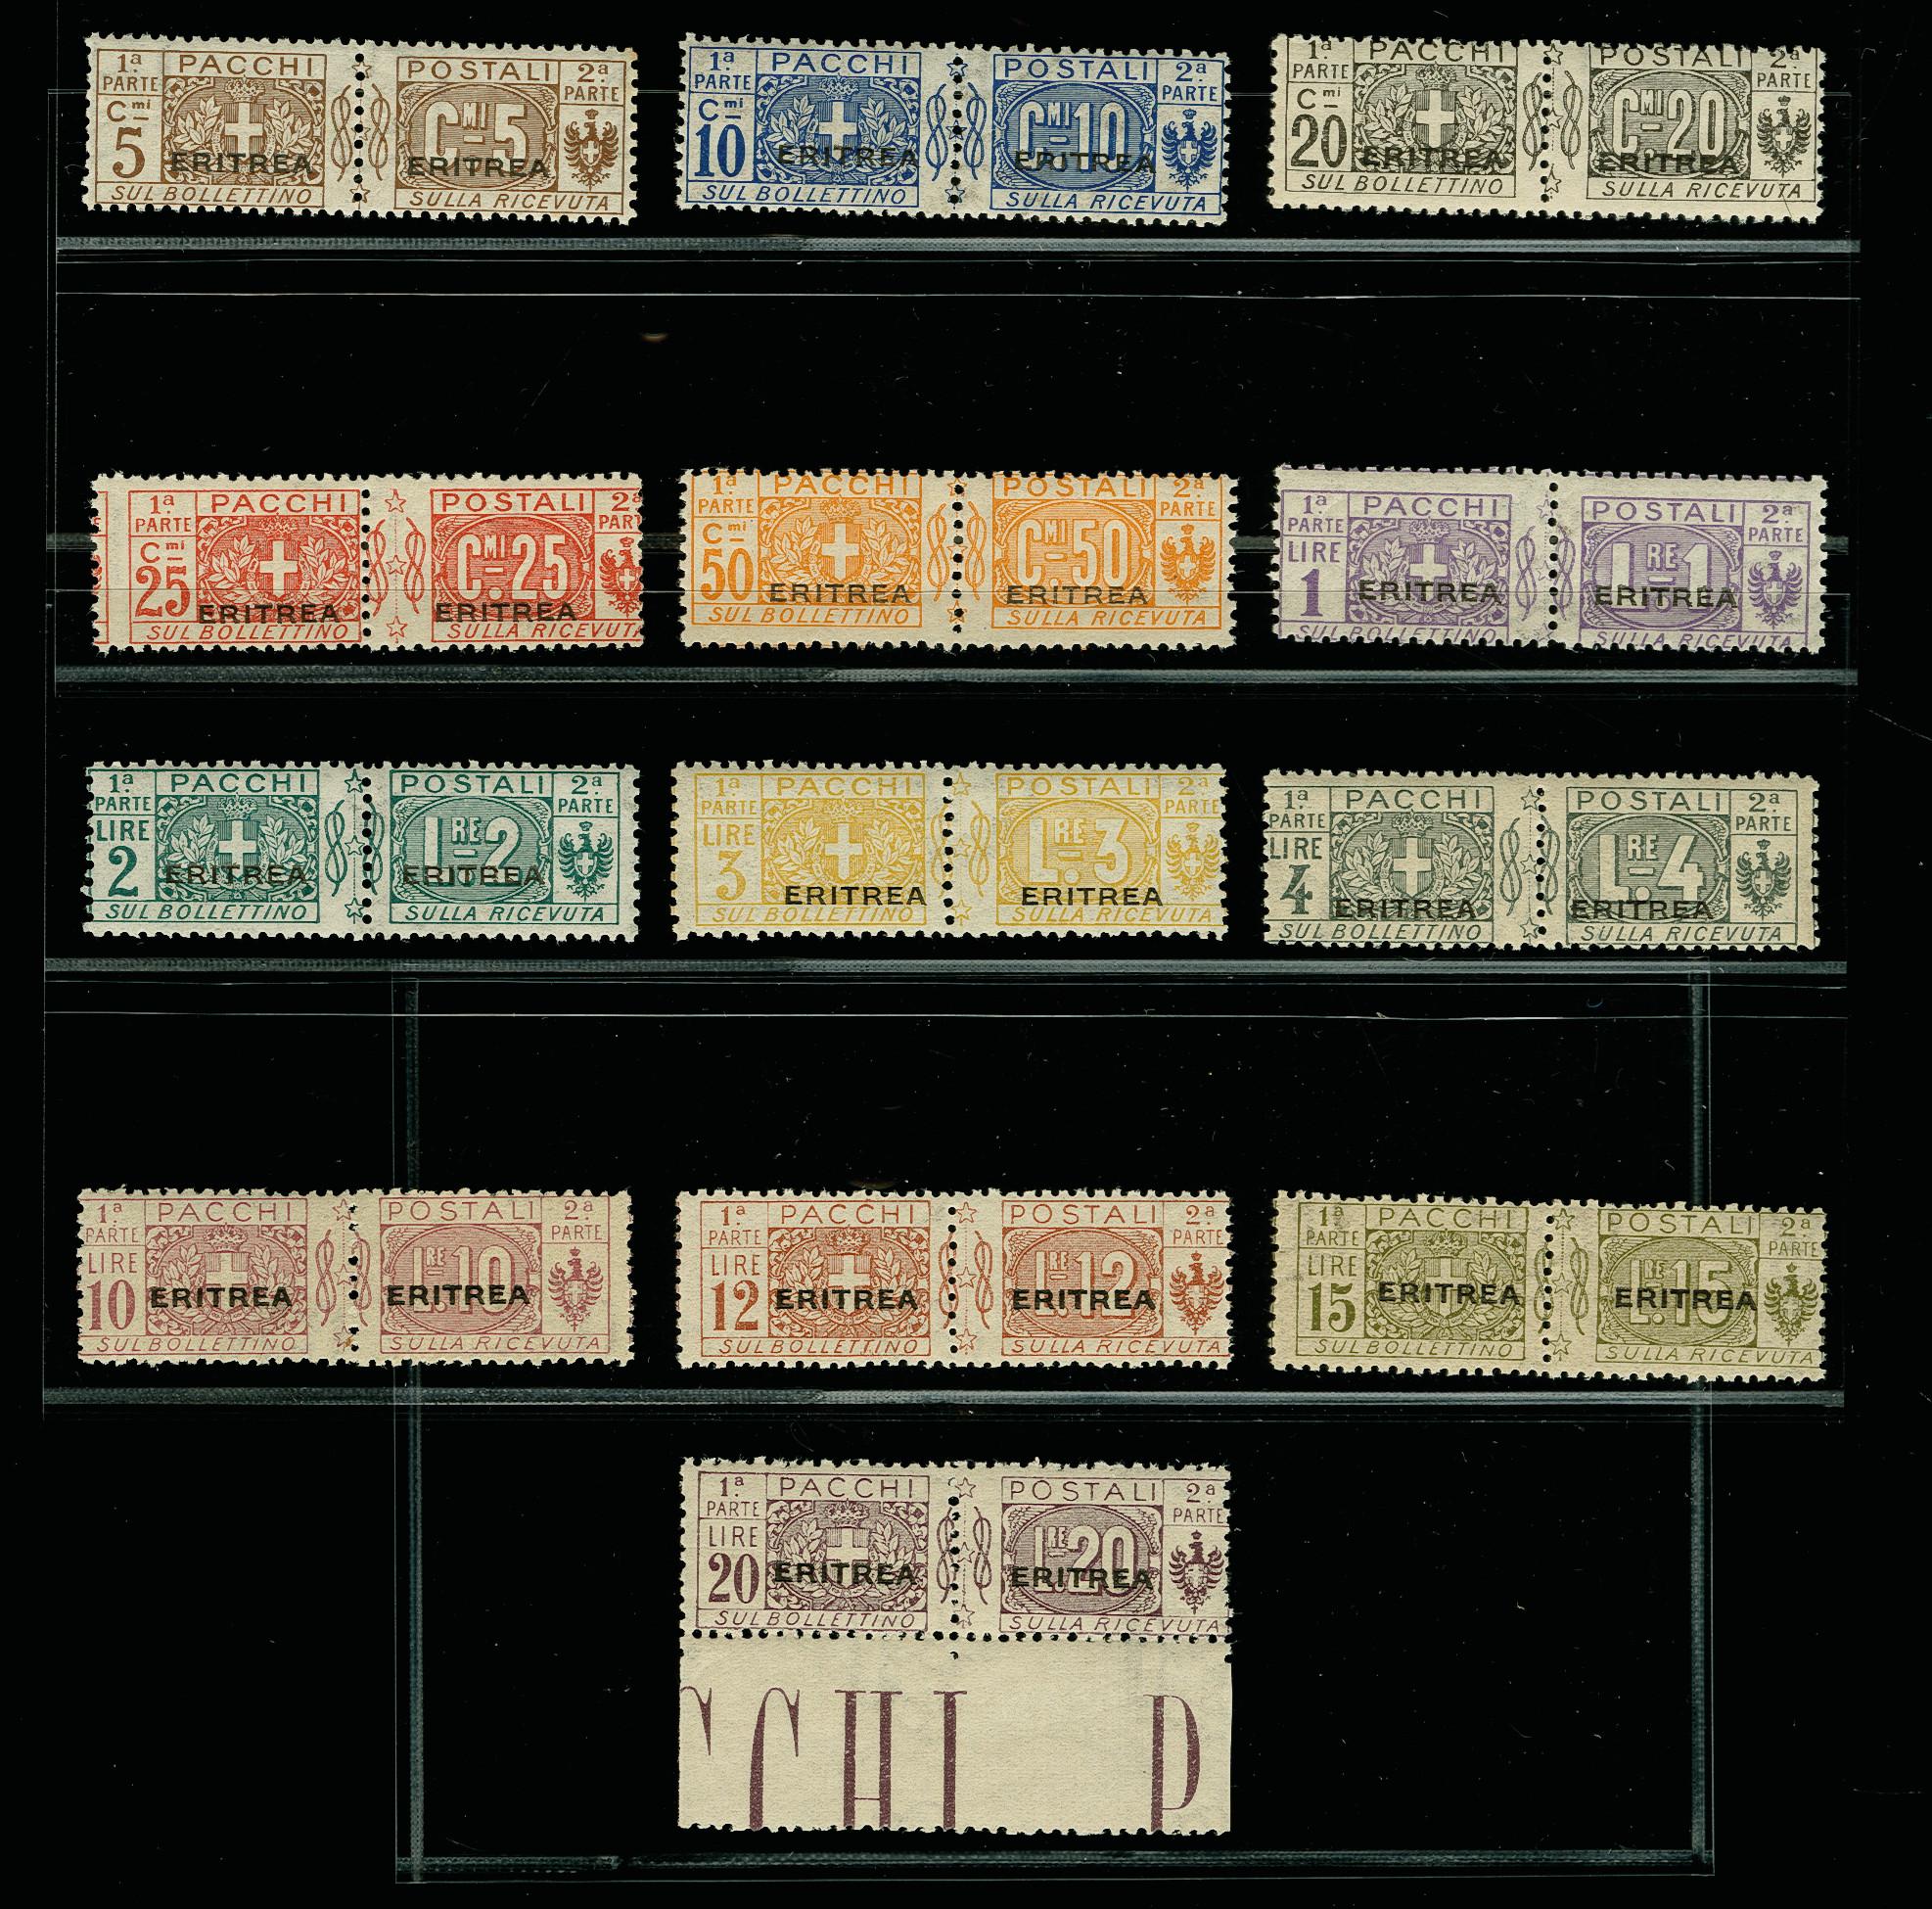 Lot 1724 - italienische post im ausland italian eritrea -  Heinrich Koehler Auktionen 375rd Heinrich Köhler auction - Day 1